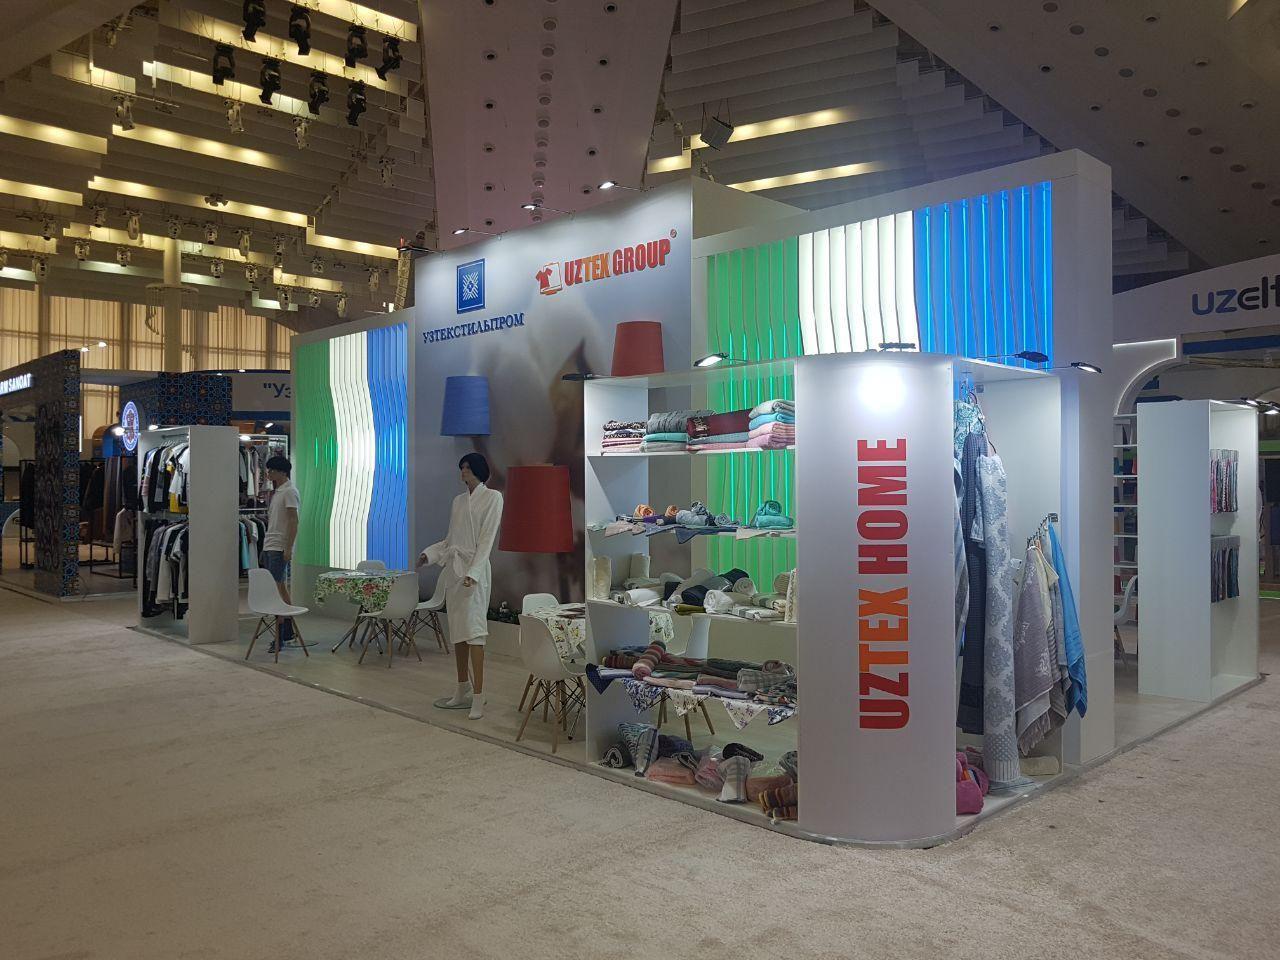 UZTEX GROUP поставит в Беларусь текстиль на $ 25 млн.